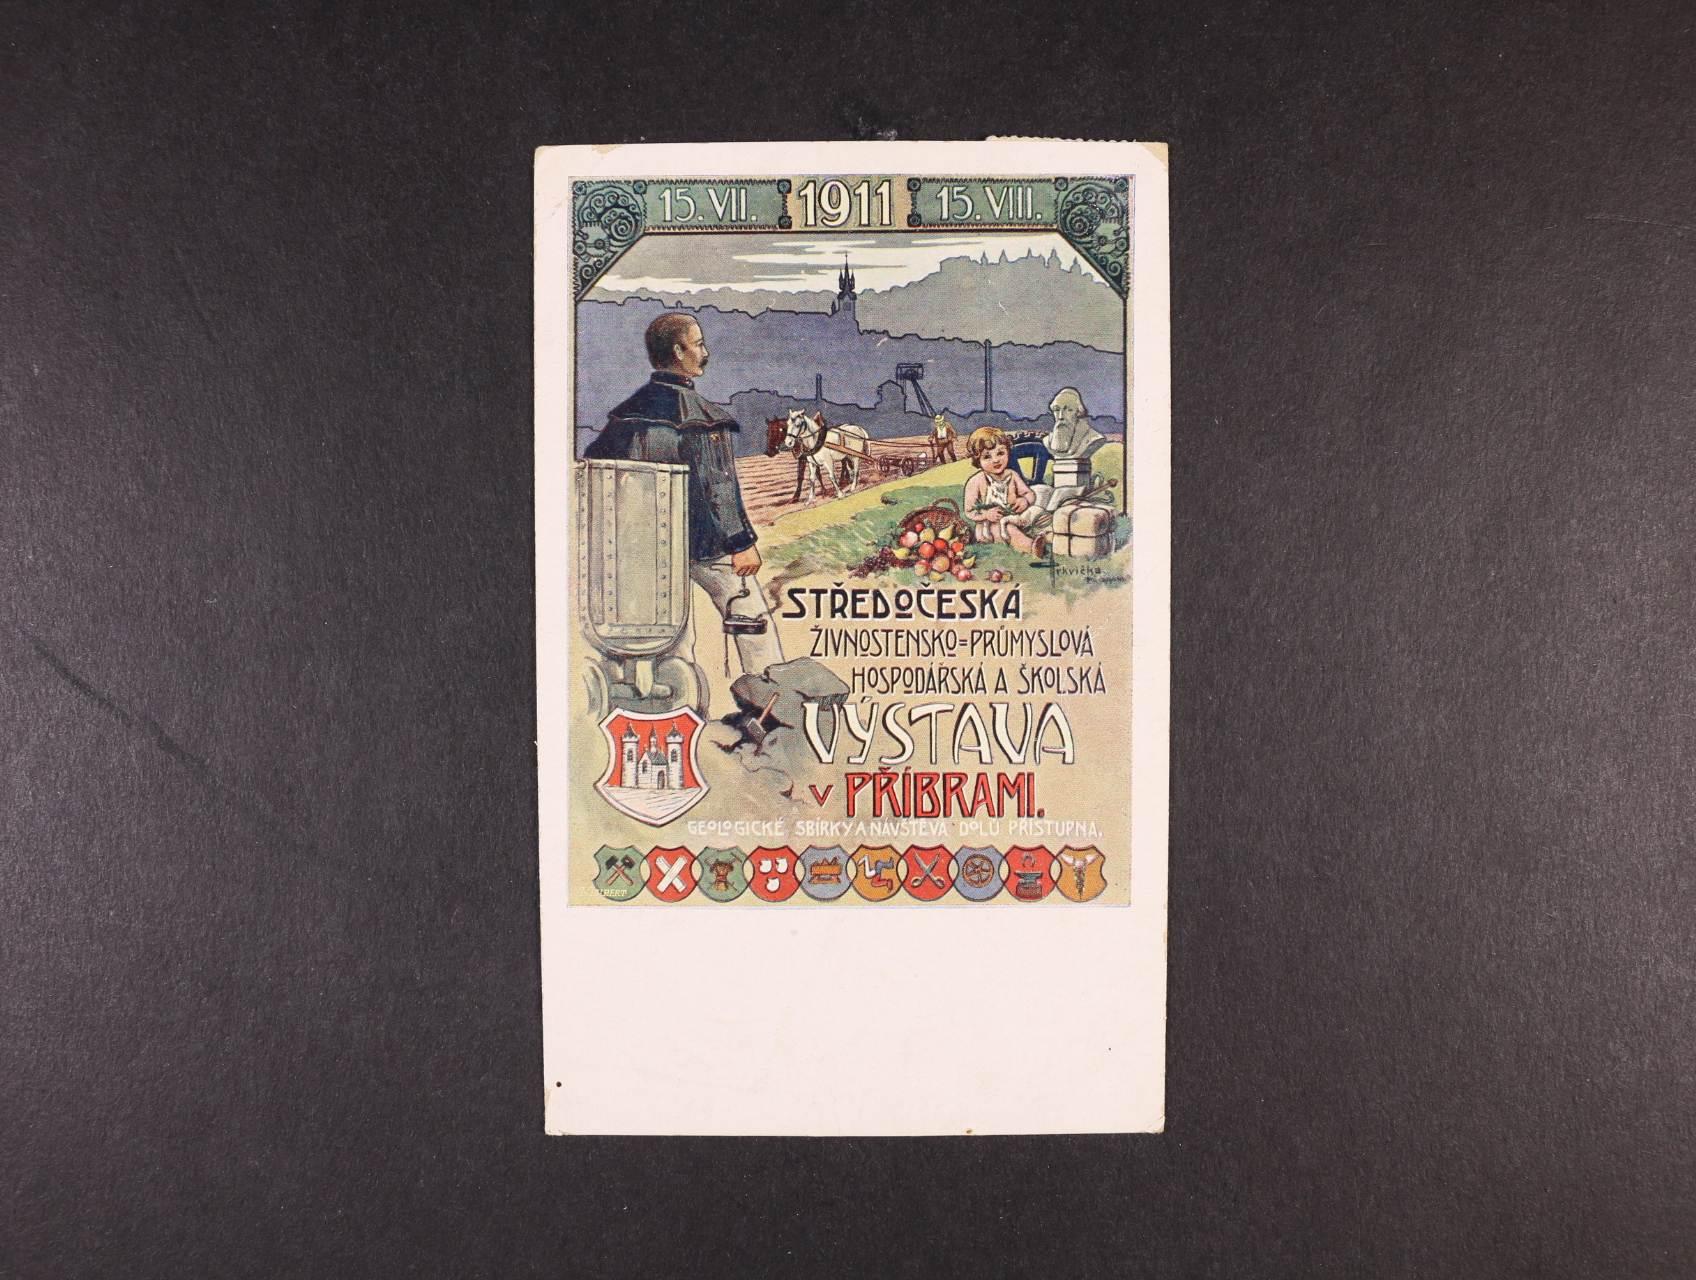 Výstavy - Příbram Středočeská živnostensko-průmyslová výstava 1911 - bar. pohlednice, použitá 1911